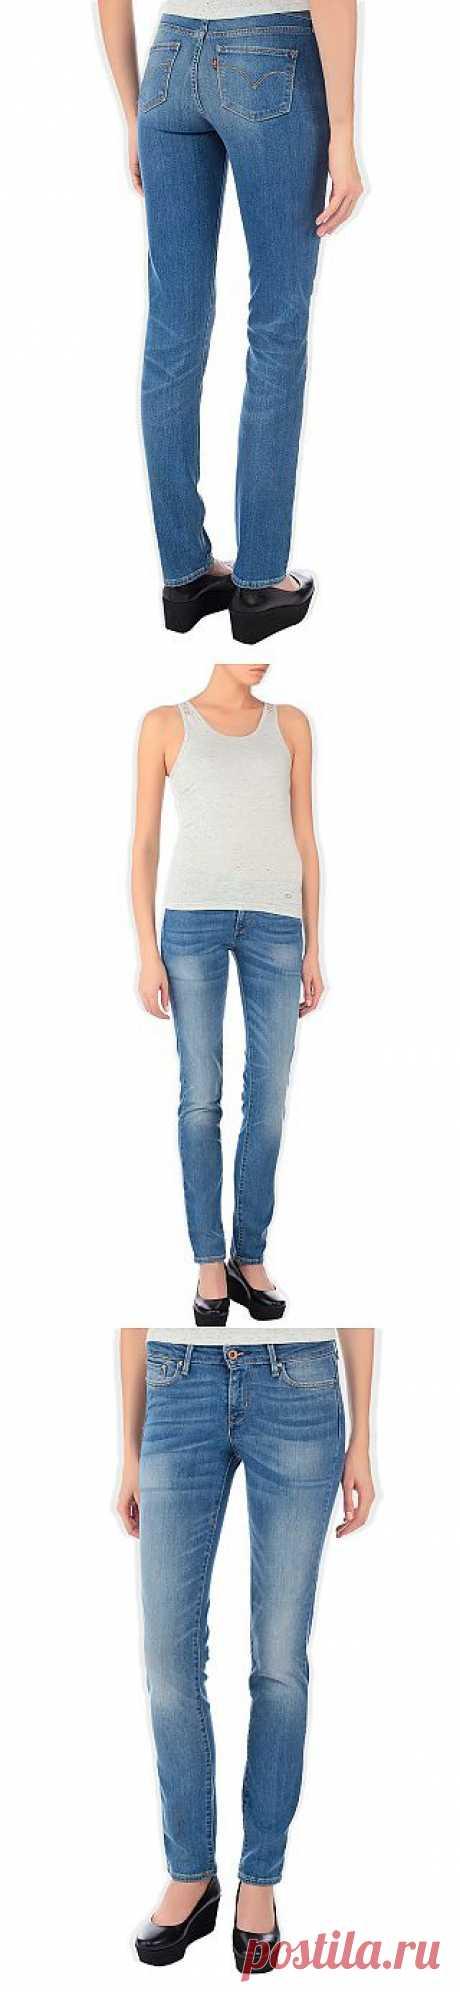 Великолепная классика от знаменитого производителя джинс Levi's - классическая модель с зауженным кроем. Идеальная посадка на любую фигуру - это фирменная черта джинс Levi's. Купить джинсы за 2 390 руб.